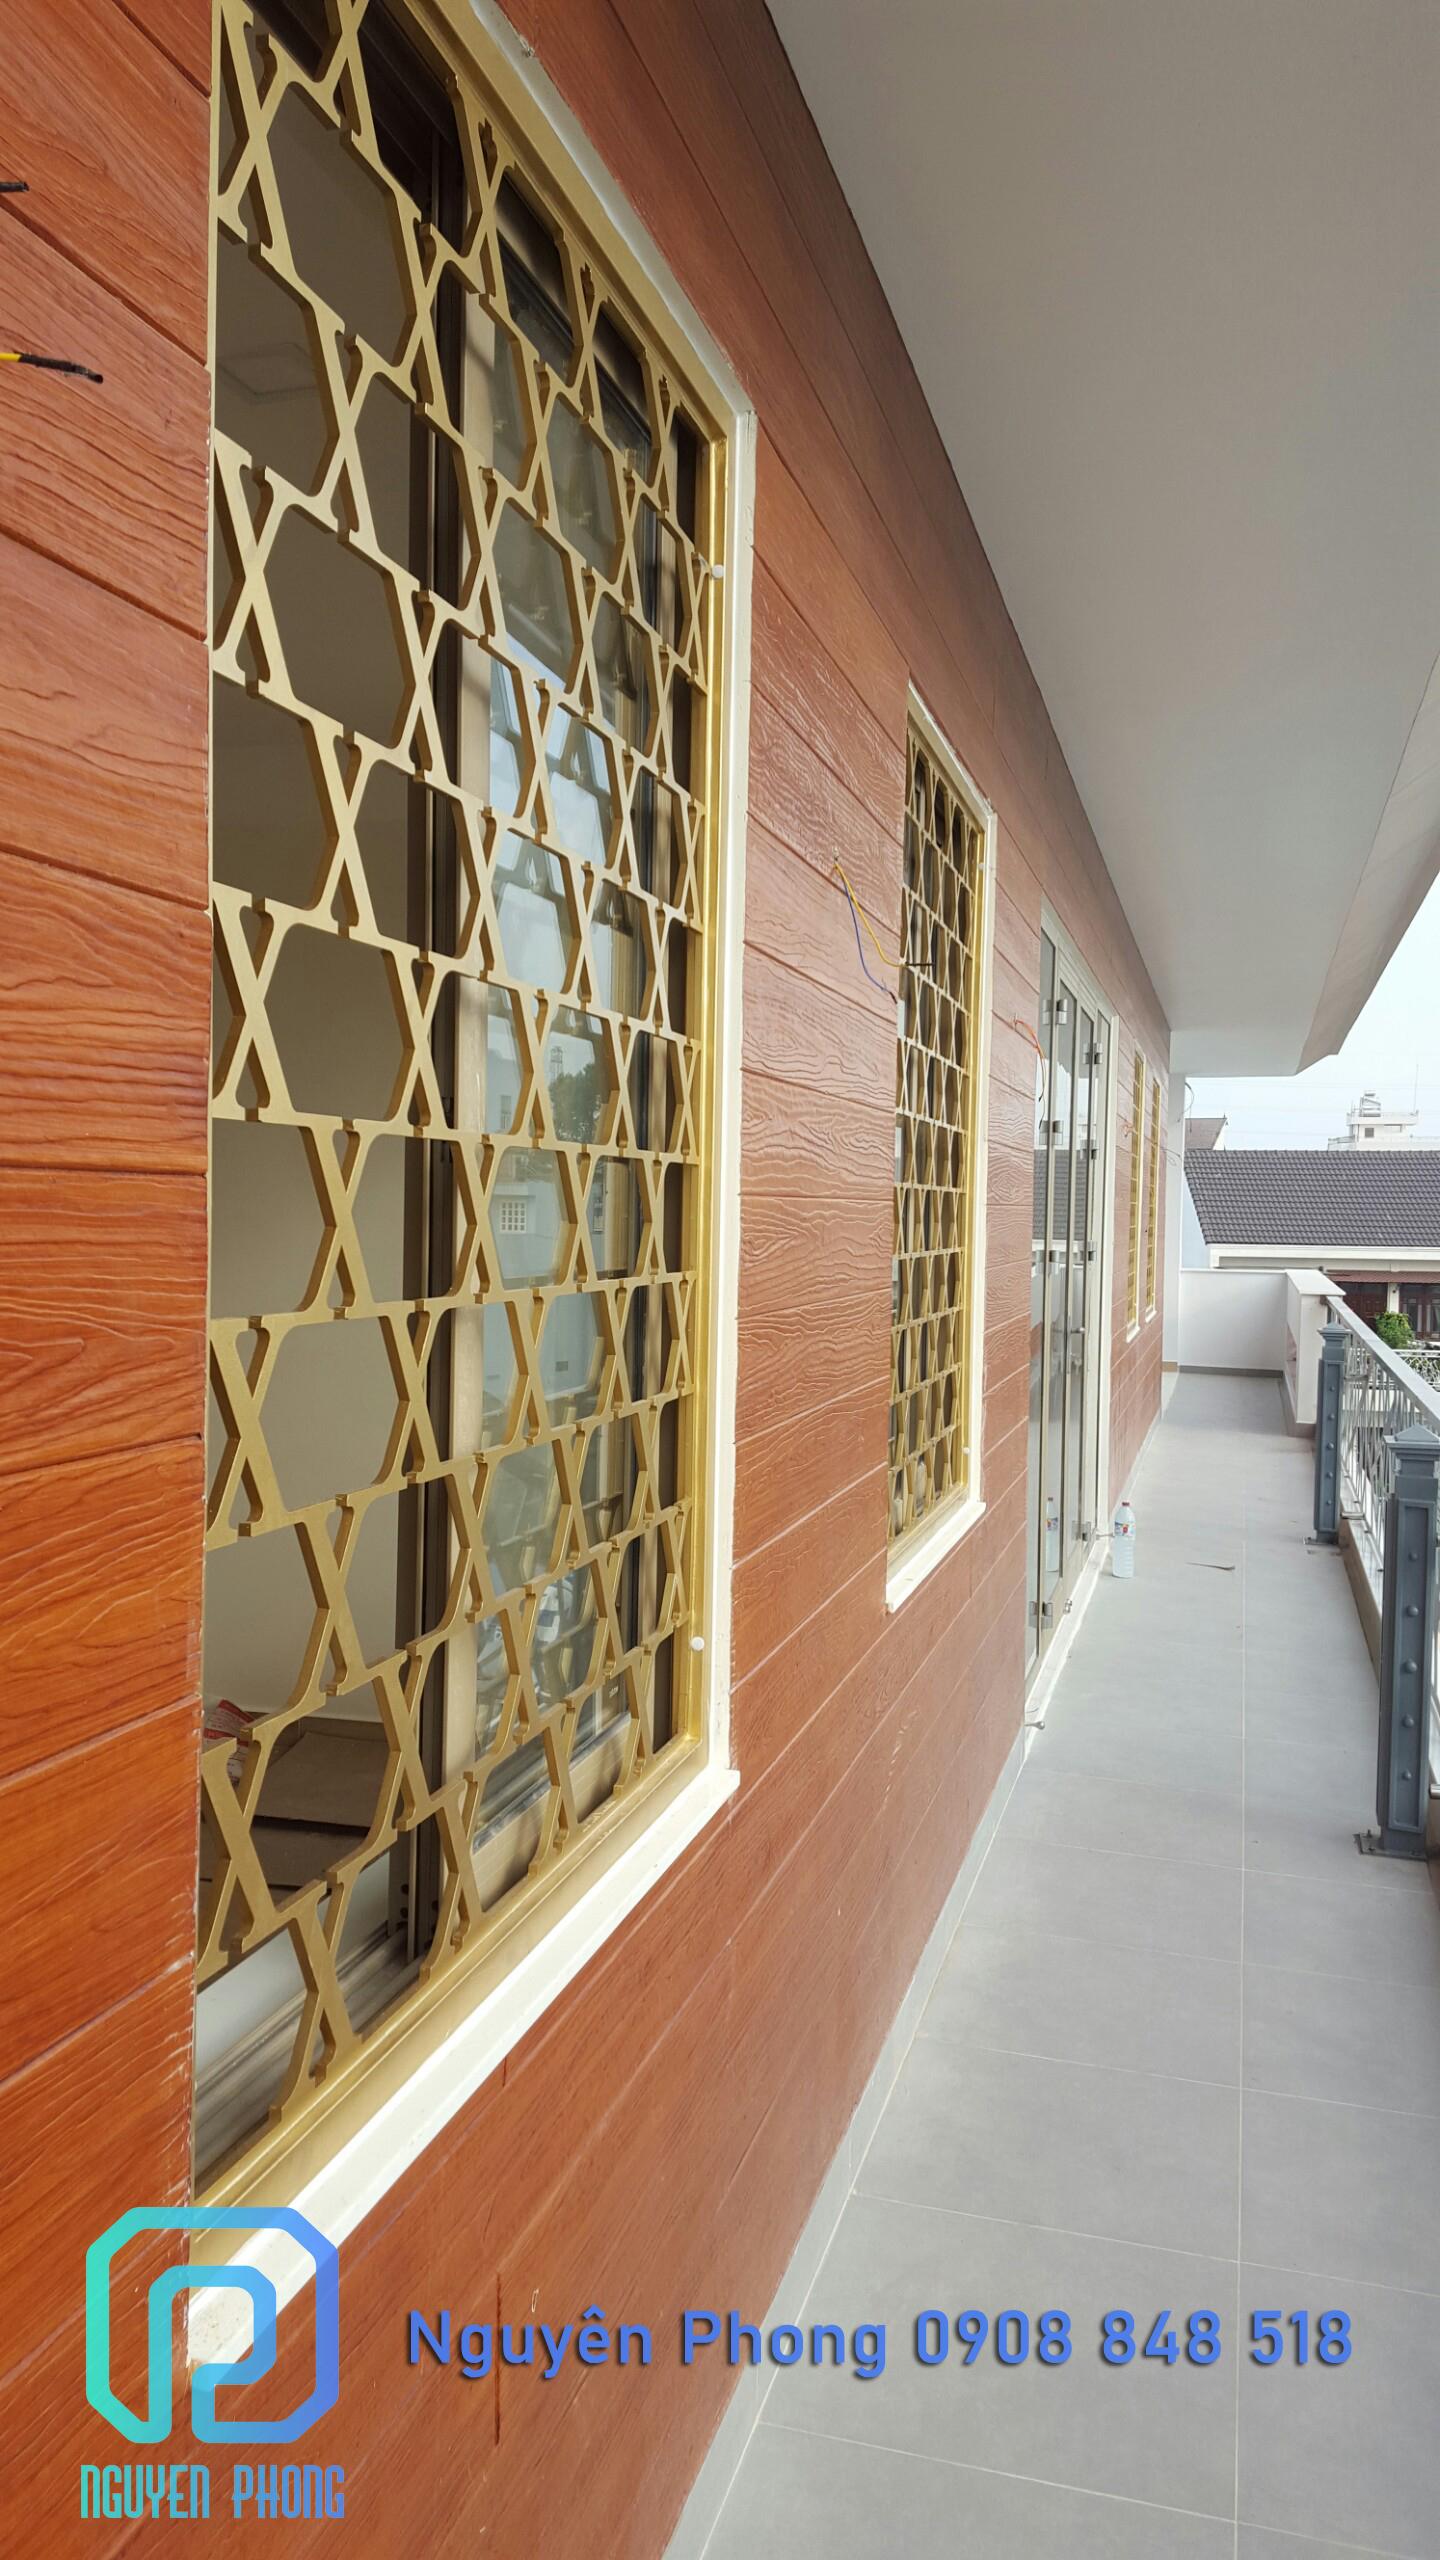 Thiết kế, gia công, thi công khung cửa sổ sắt uốn mỹ thuật chính xác theo kích thước thực tế